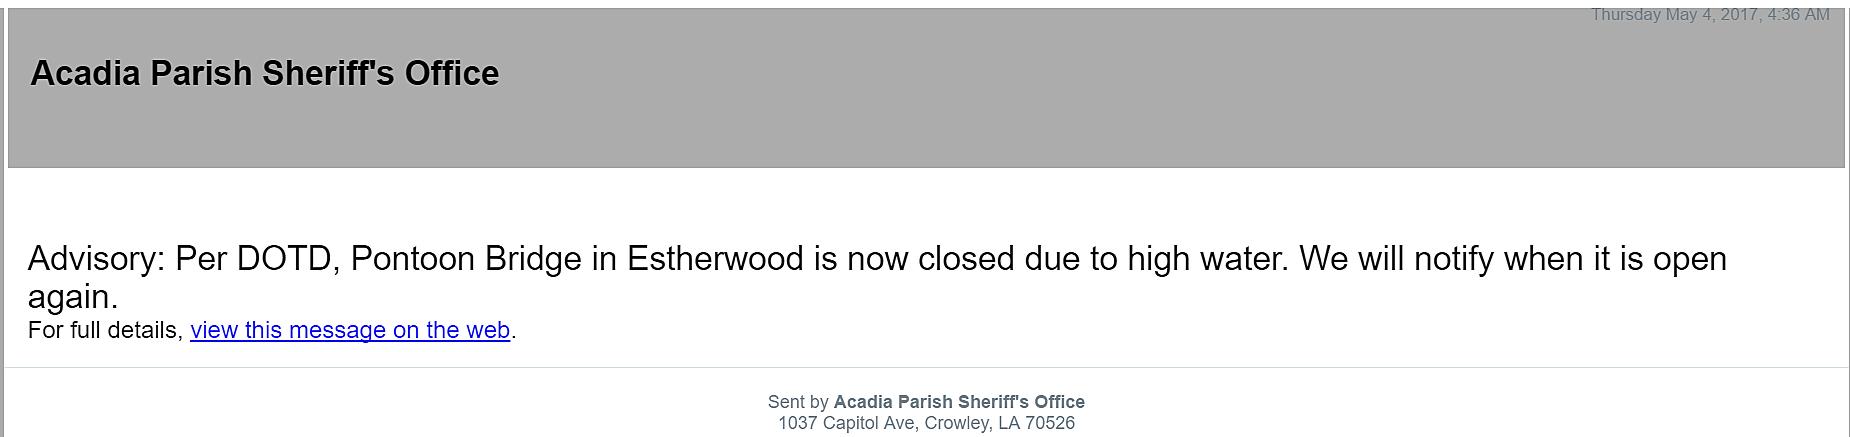 Acadia Parish Sheriff's Office/Nixle